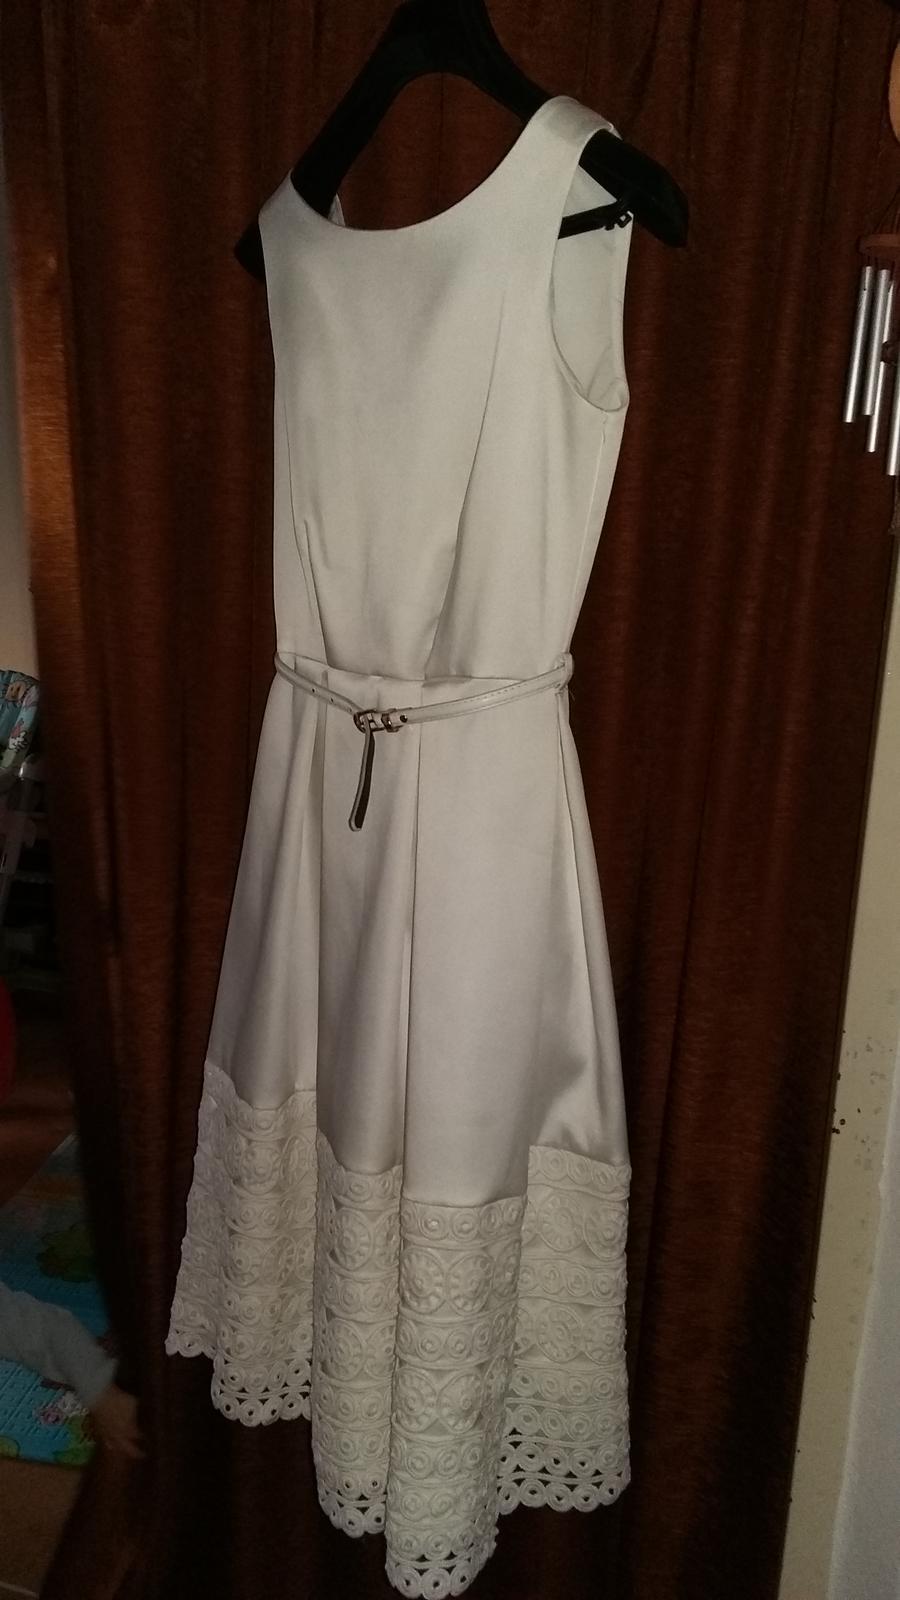 Biele saténové šaty zn. Closet - Obrázok č. 1